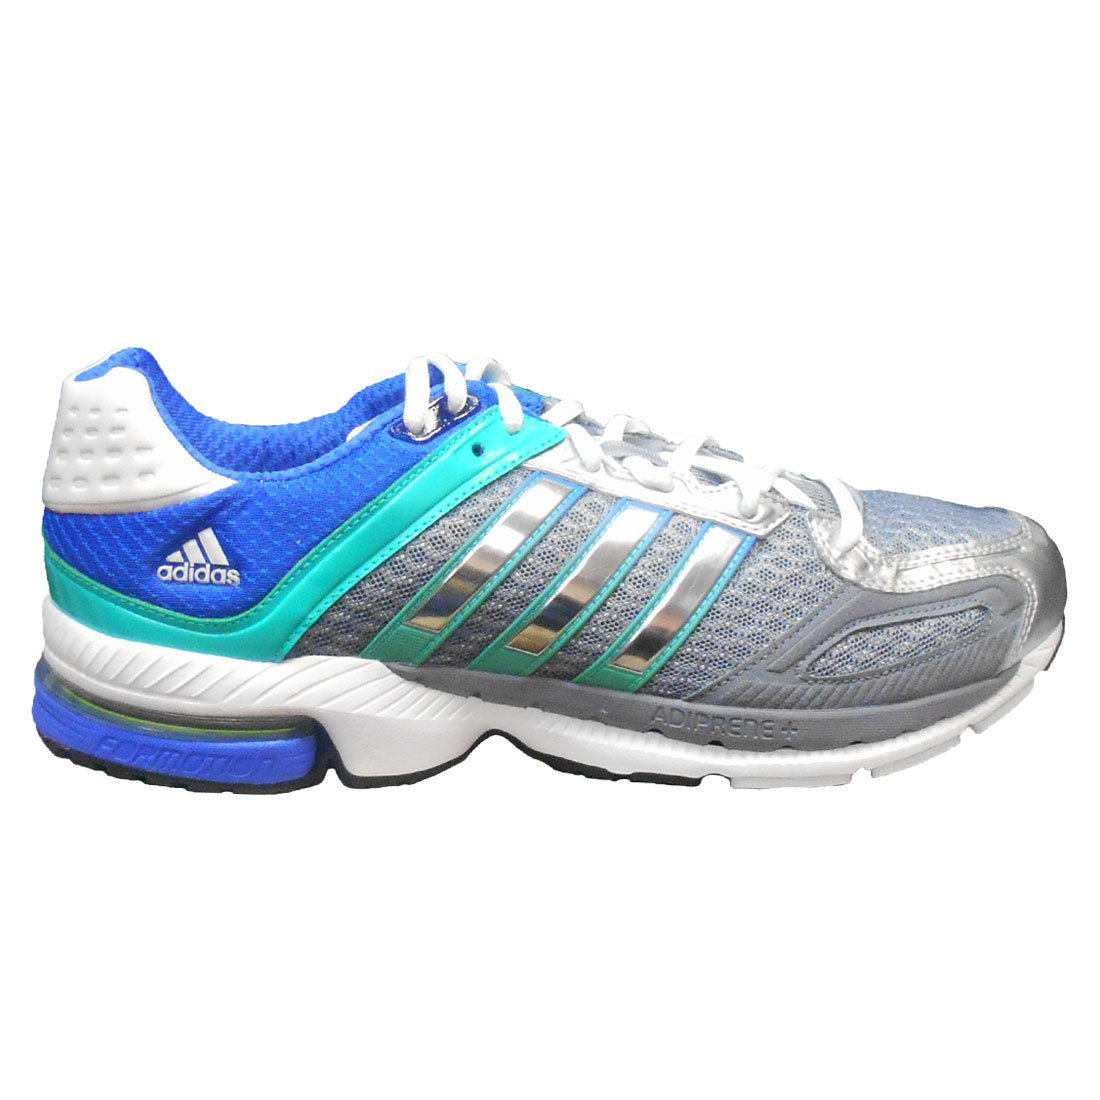 adidas Kvinders Snova Sequence 5 løbesko   adidas Women's Snova Sequence 5 Running Shoes          adidas Women's Snova Sequence 5 Running Shoes